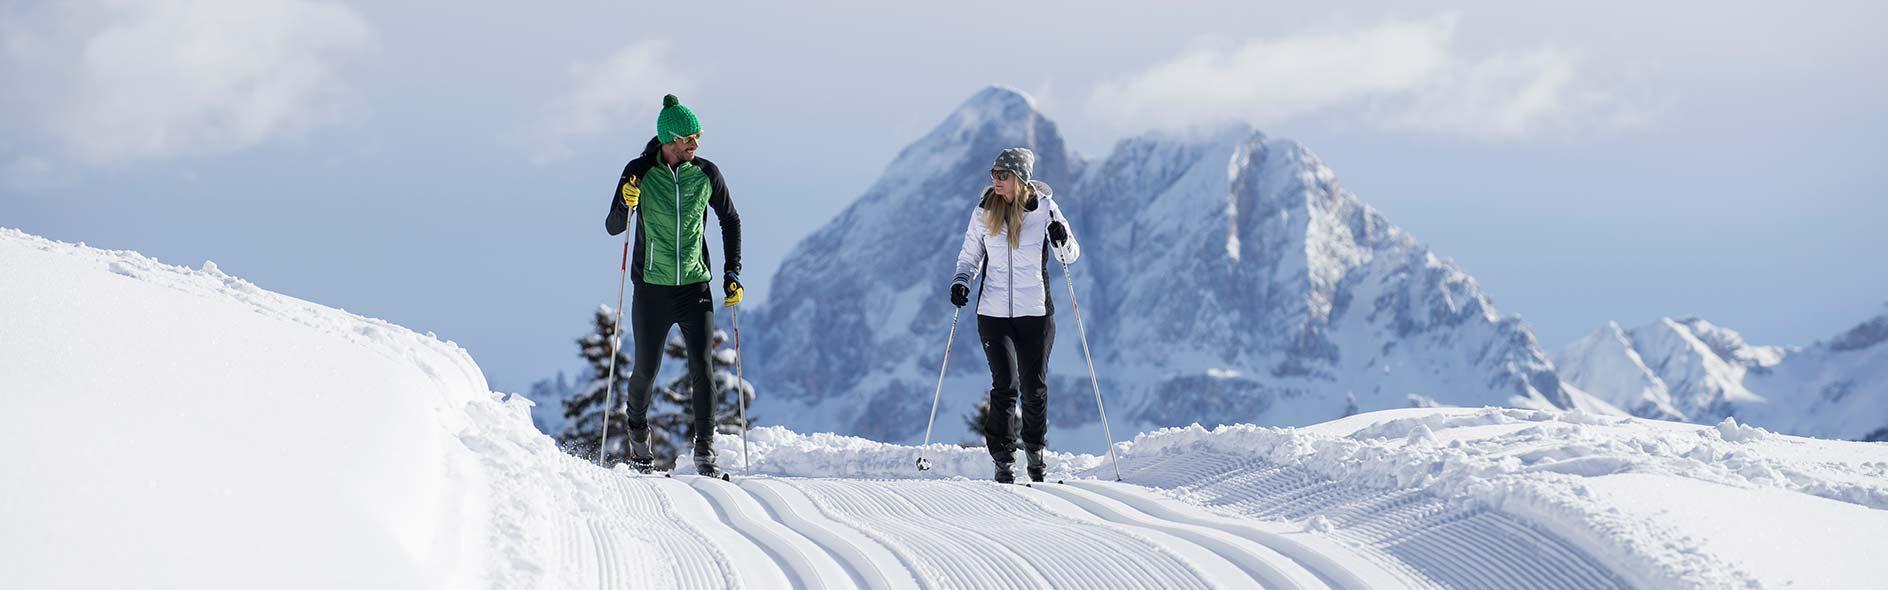 Attrezzatura sci alpinismo online dating